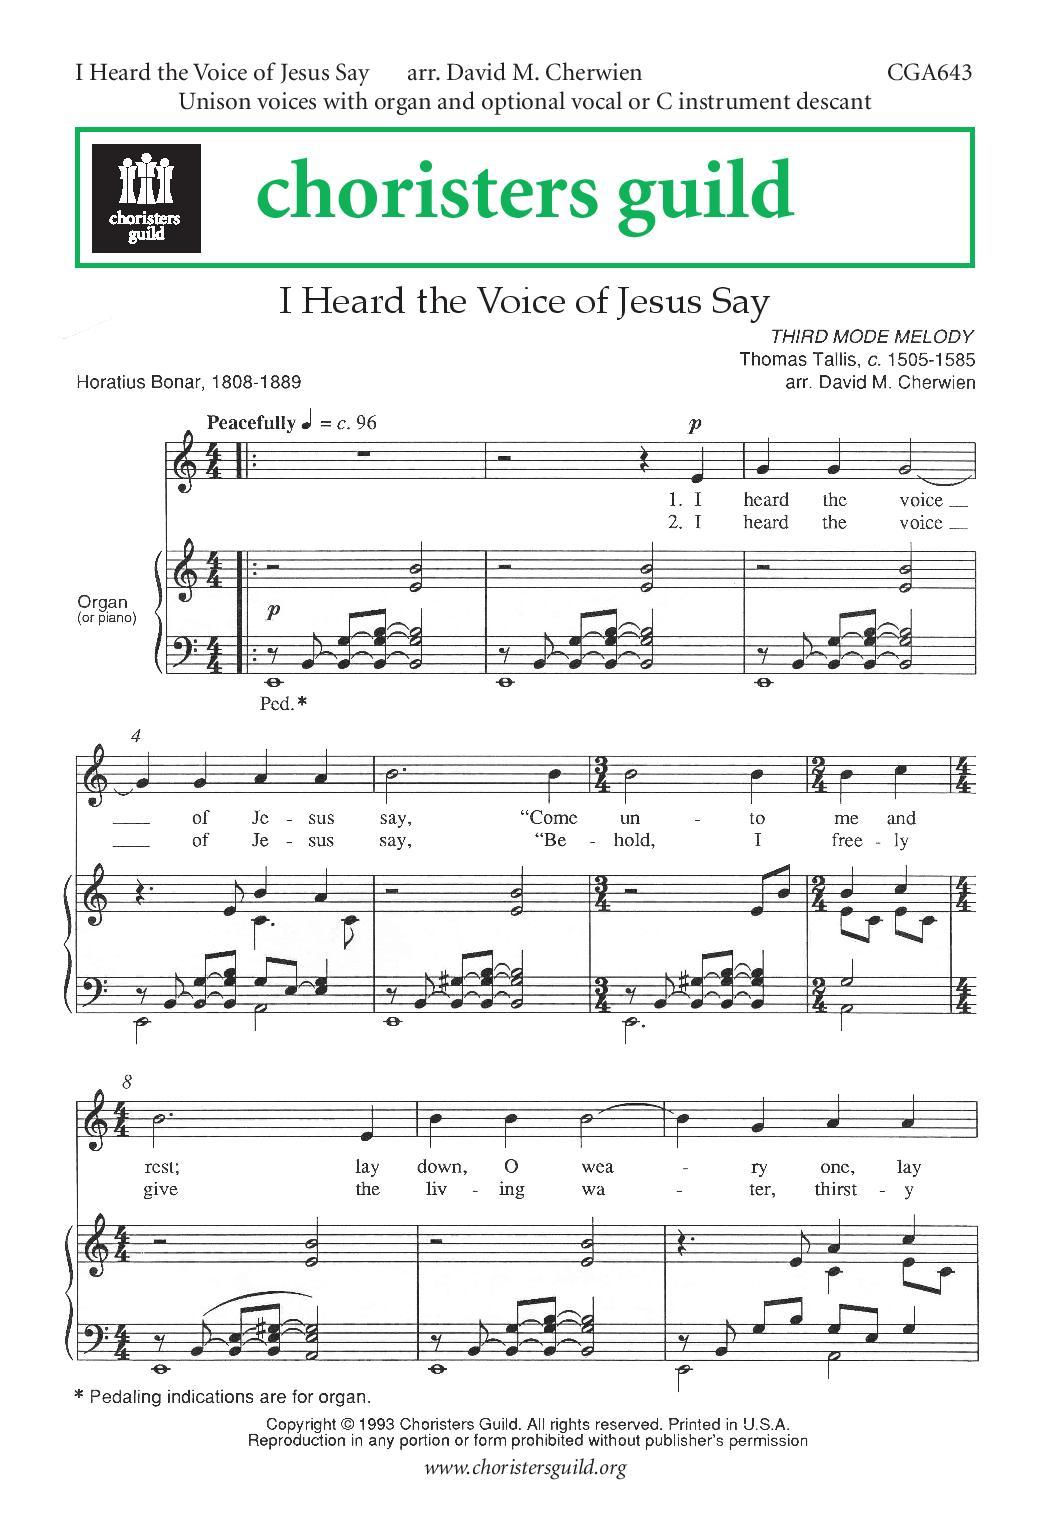 I Heard the Voice of Jesus Say